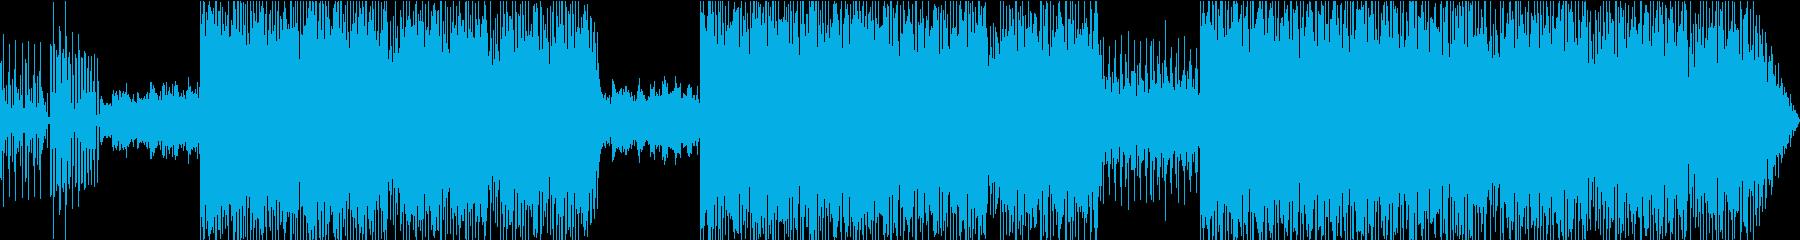 ファンキーなエレクトロビートの再生済みの波形